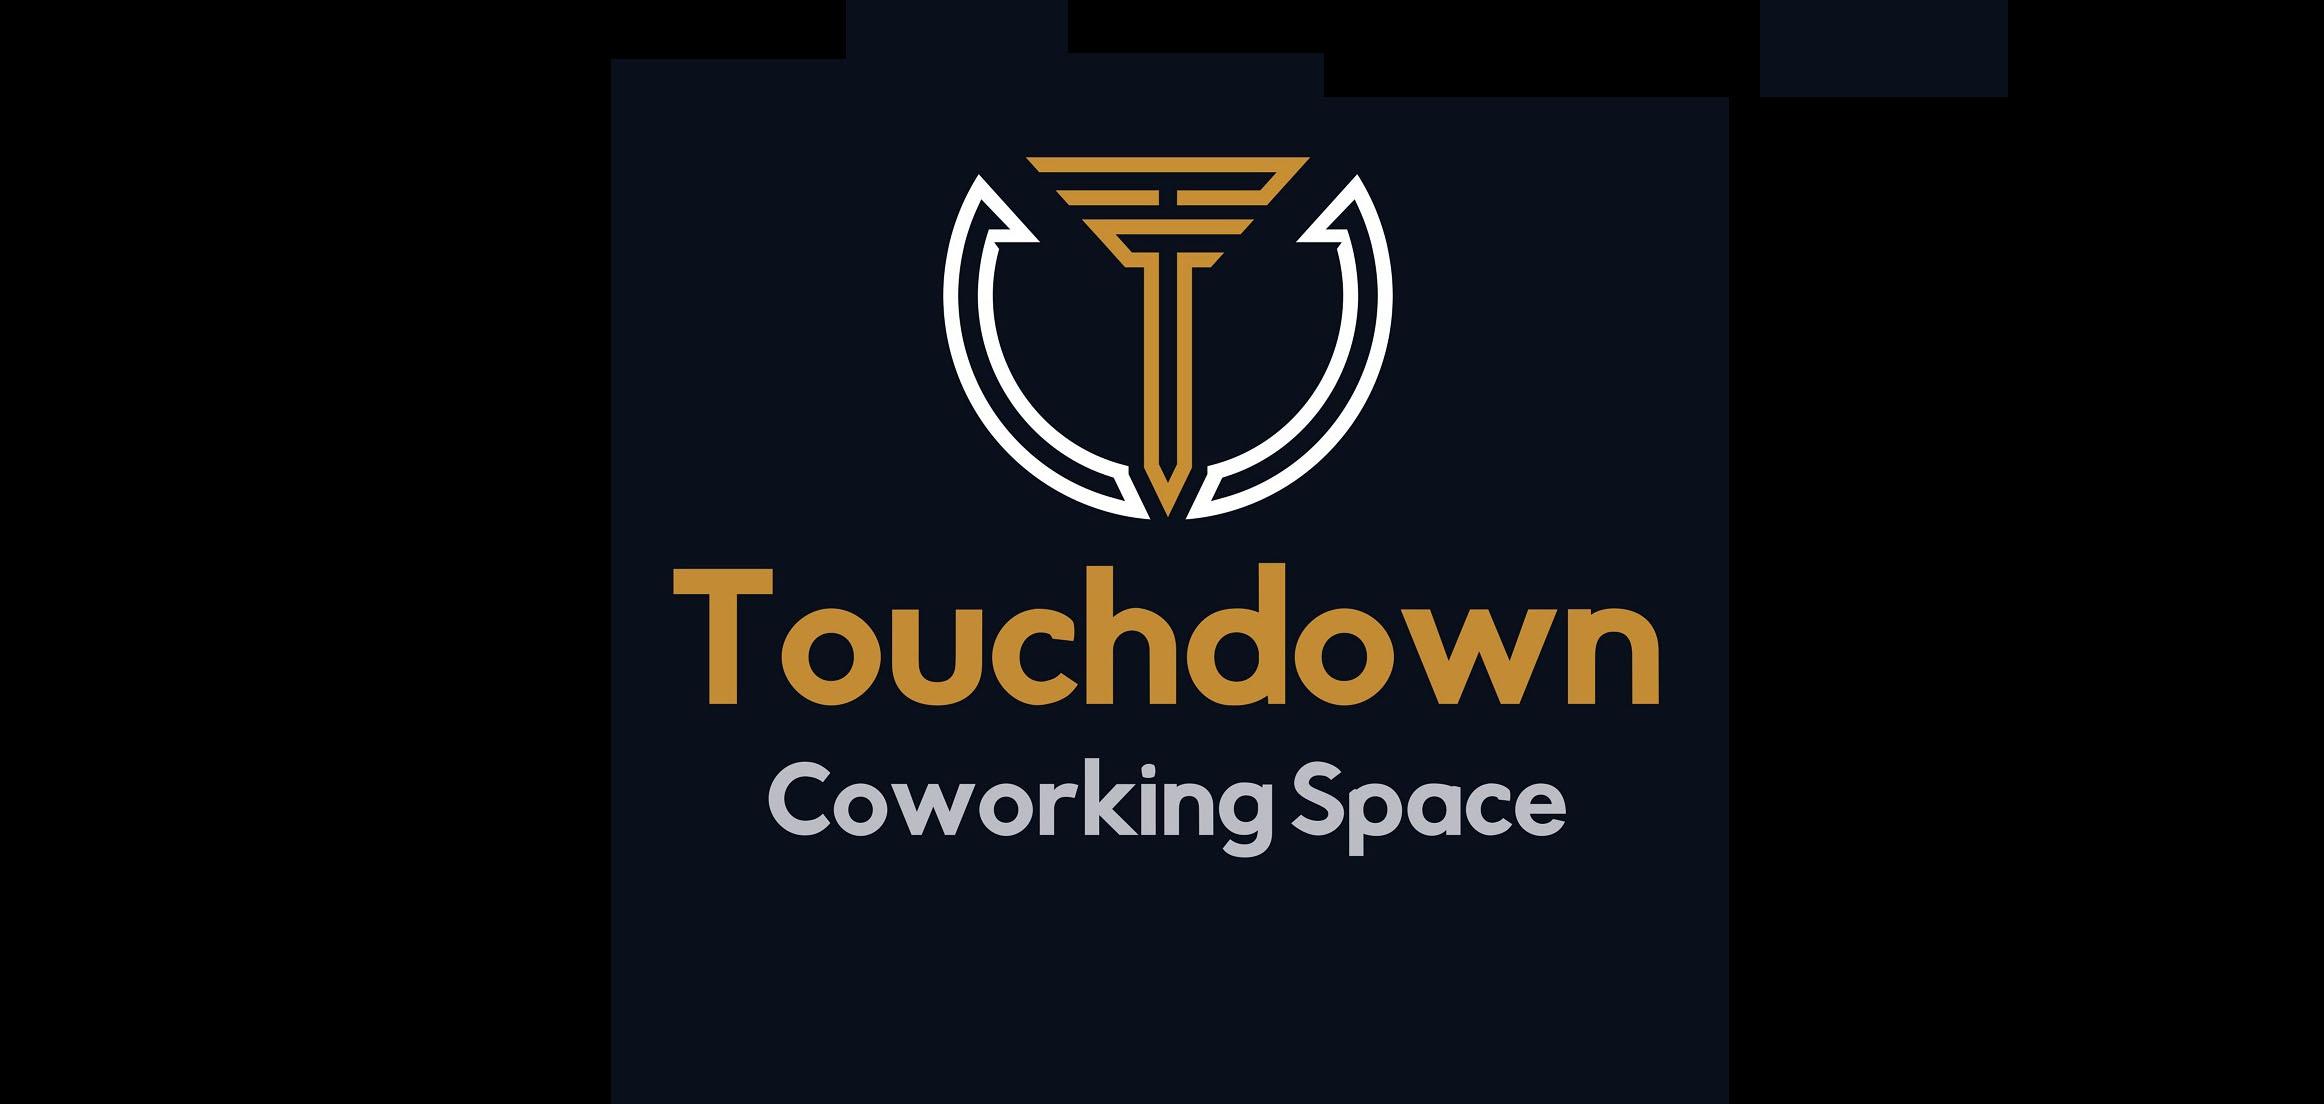 Touchdown Coworking